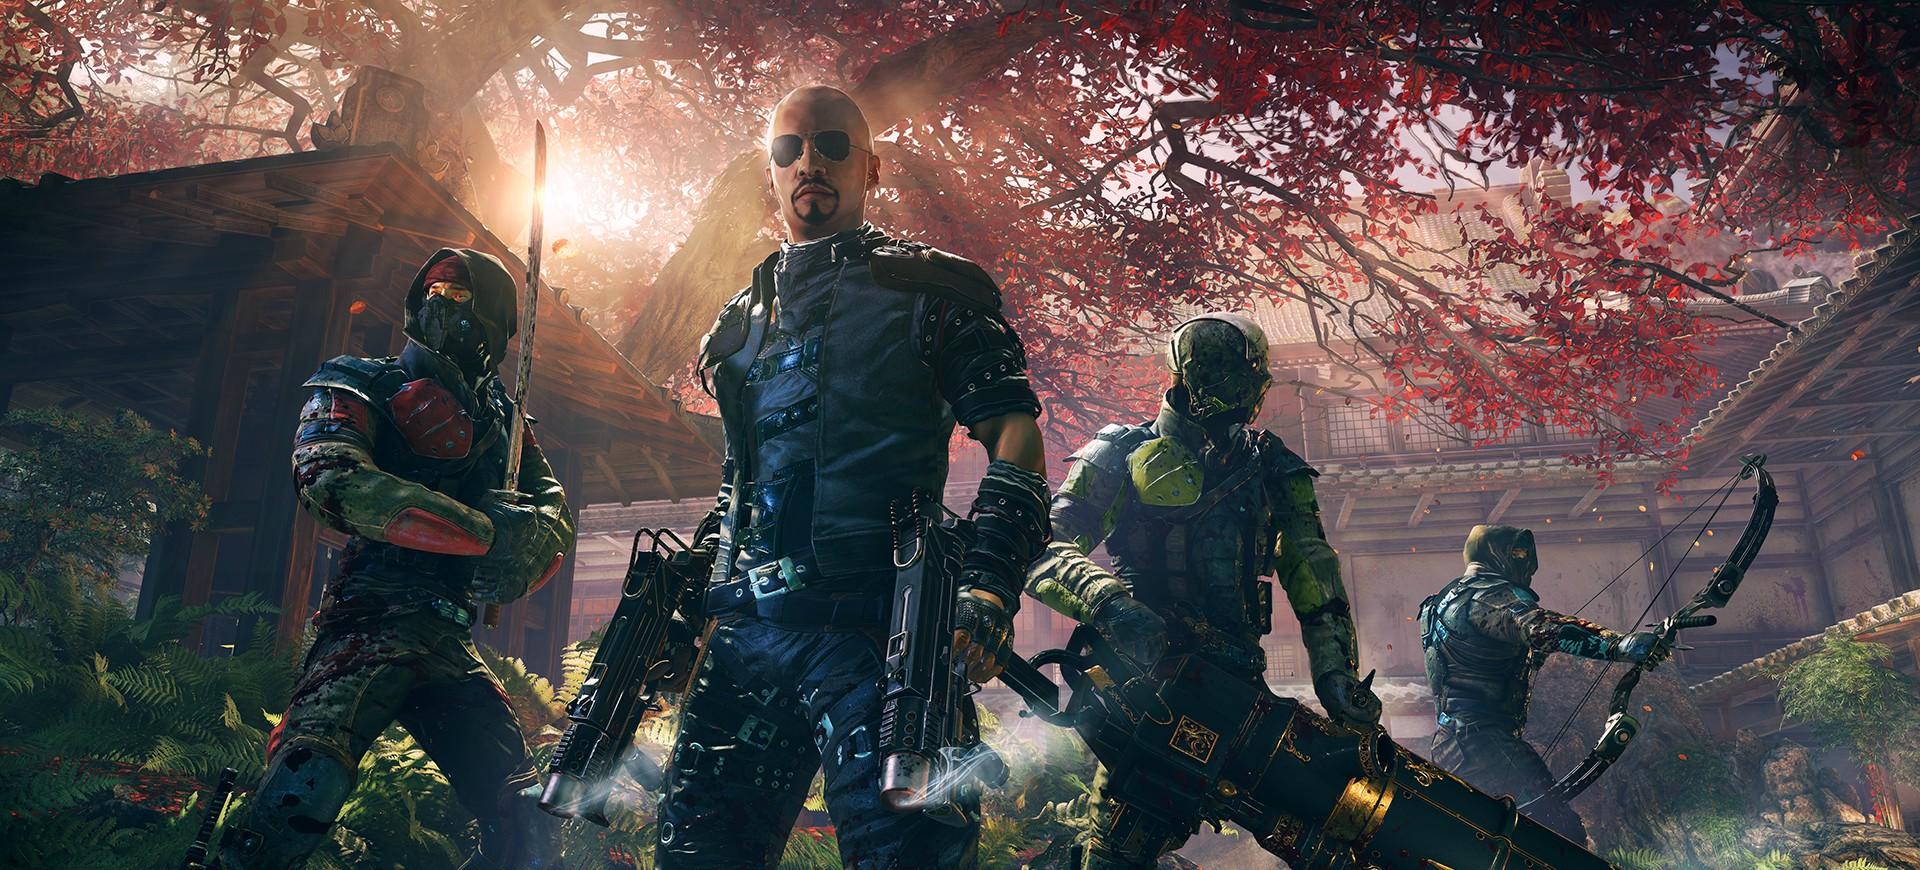 Shadow Warrior 2 xác nhận ngày đổ bộ lên PC – Tin Game